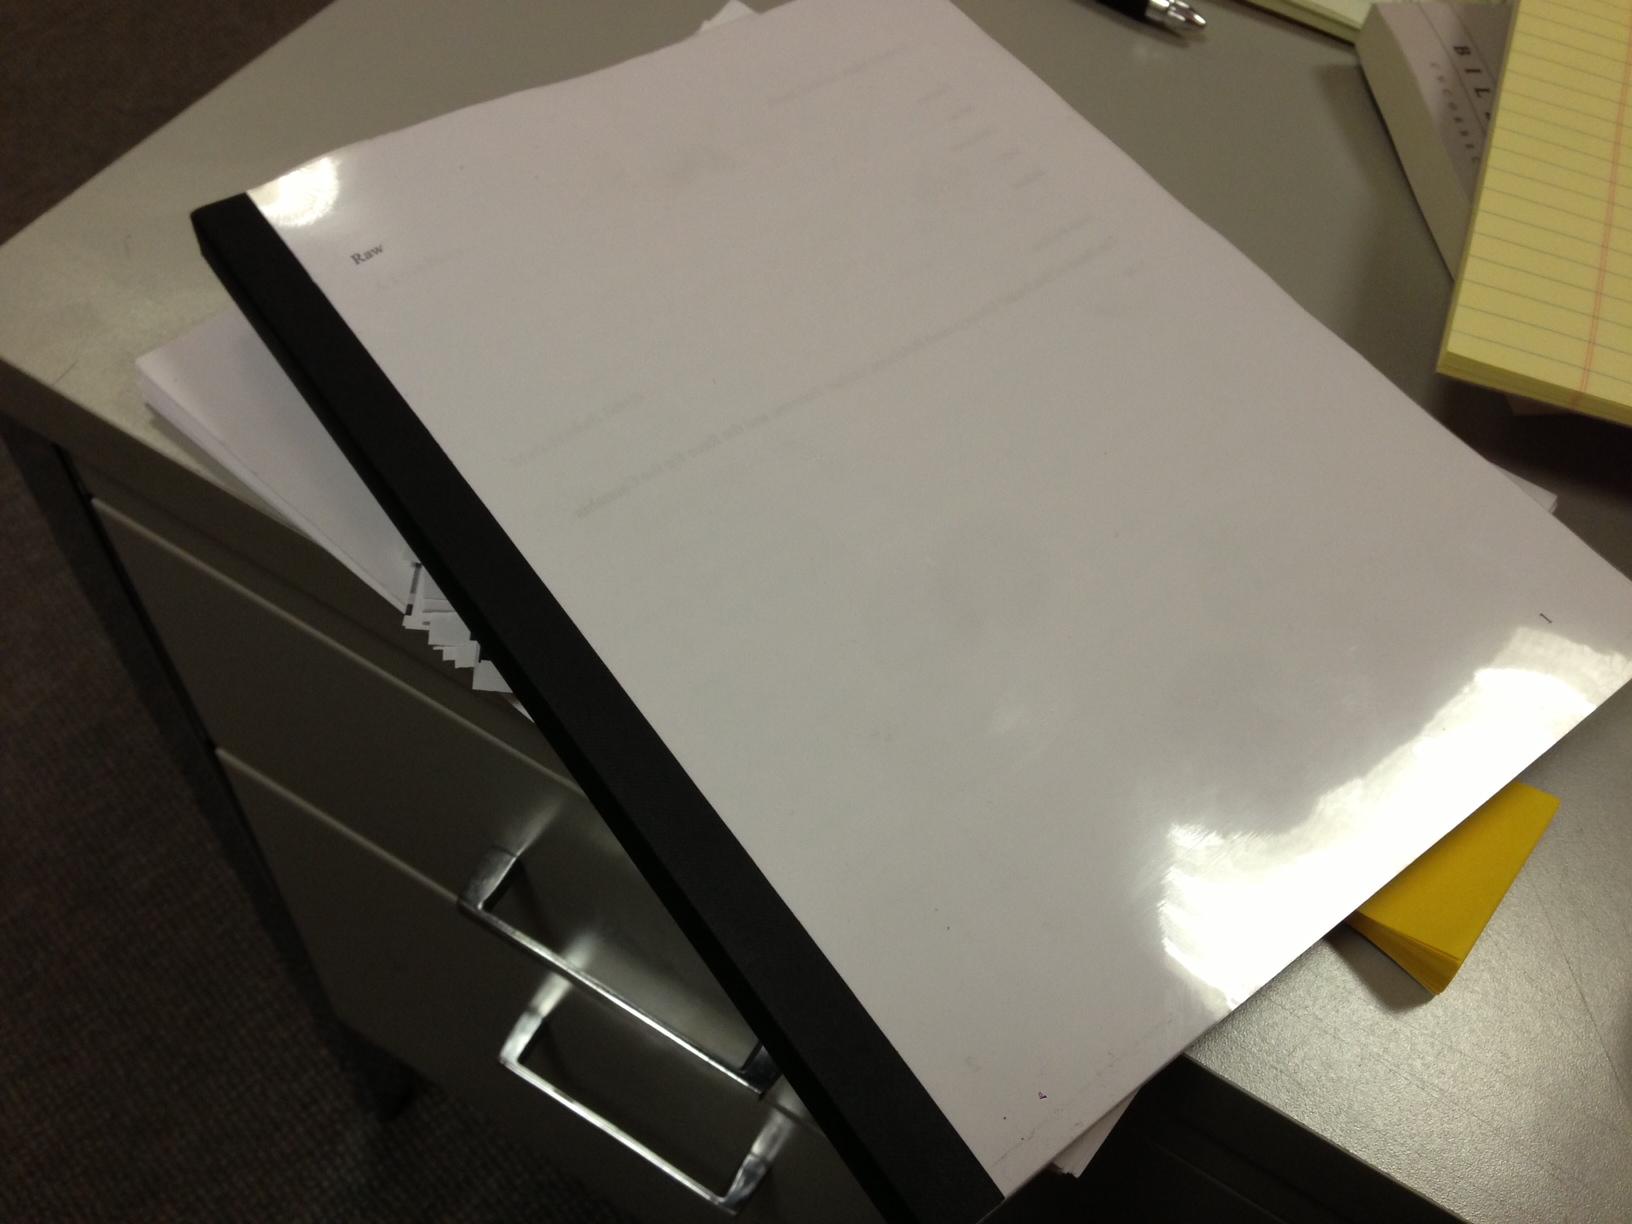 A bound photocopy